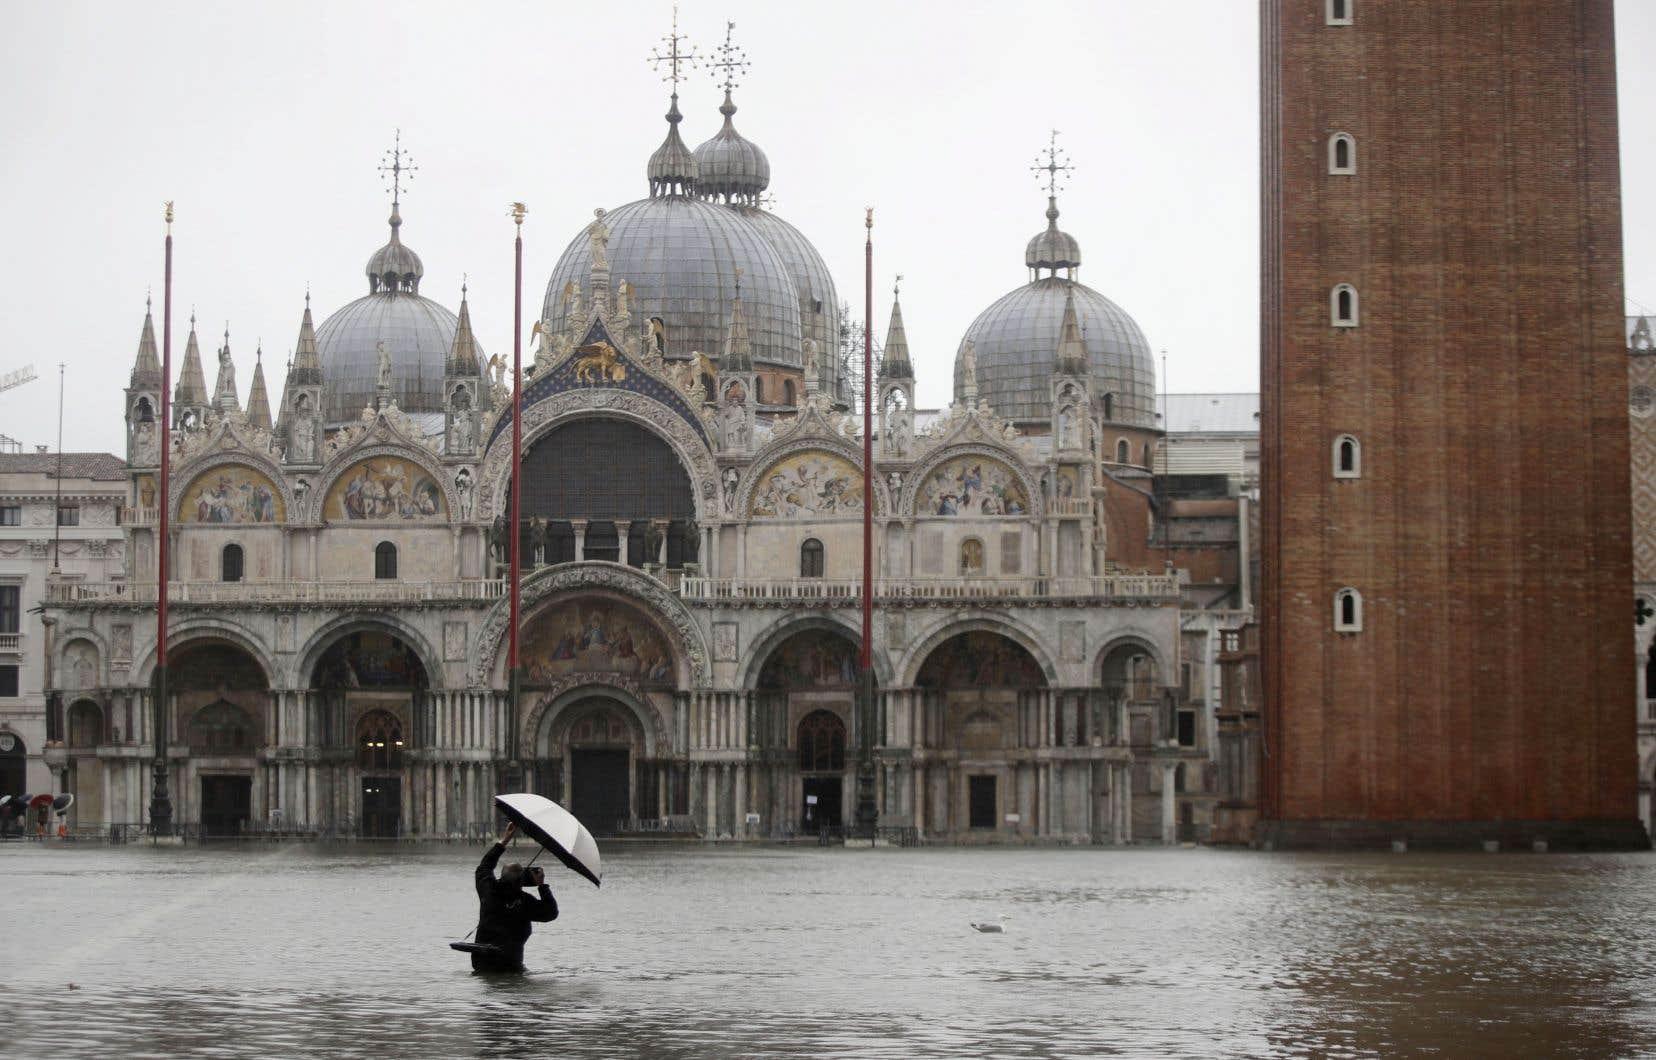 À Venise, la célèbre place Saint-Marc est submergée par les flots en raison des hautes marées (<em>aqua alta</em>) exceptionnelles qui pourront atteindre, voire dépasser, les 140cm.